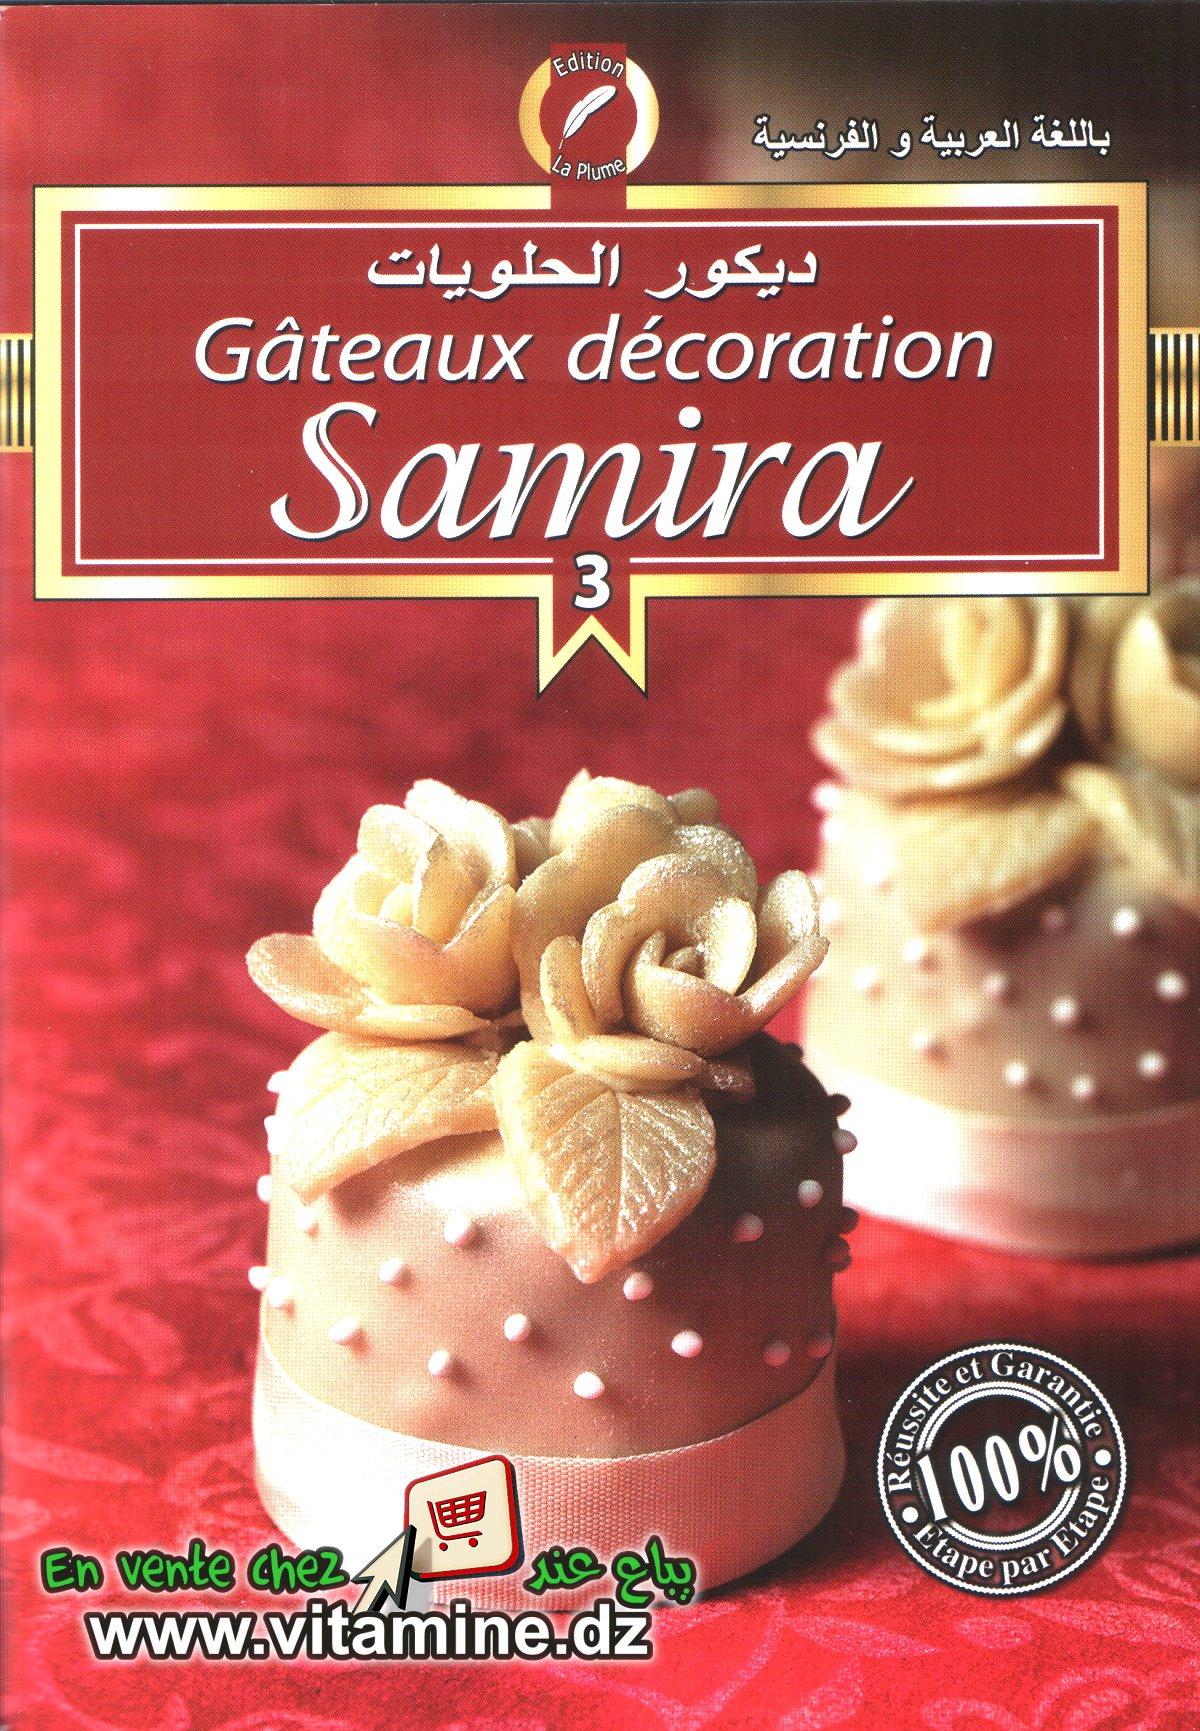 Samira - Gâteaux décoration 3